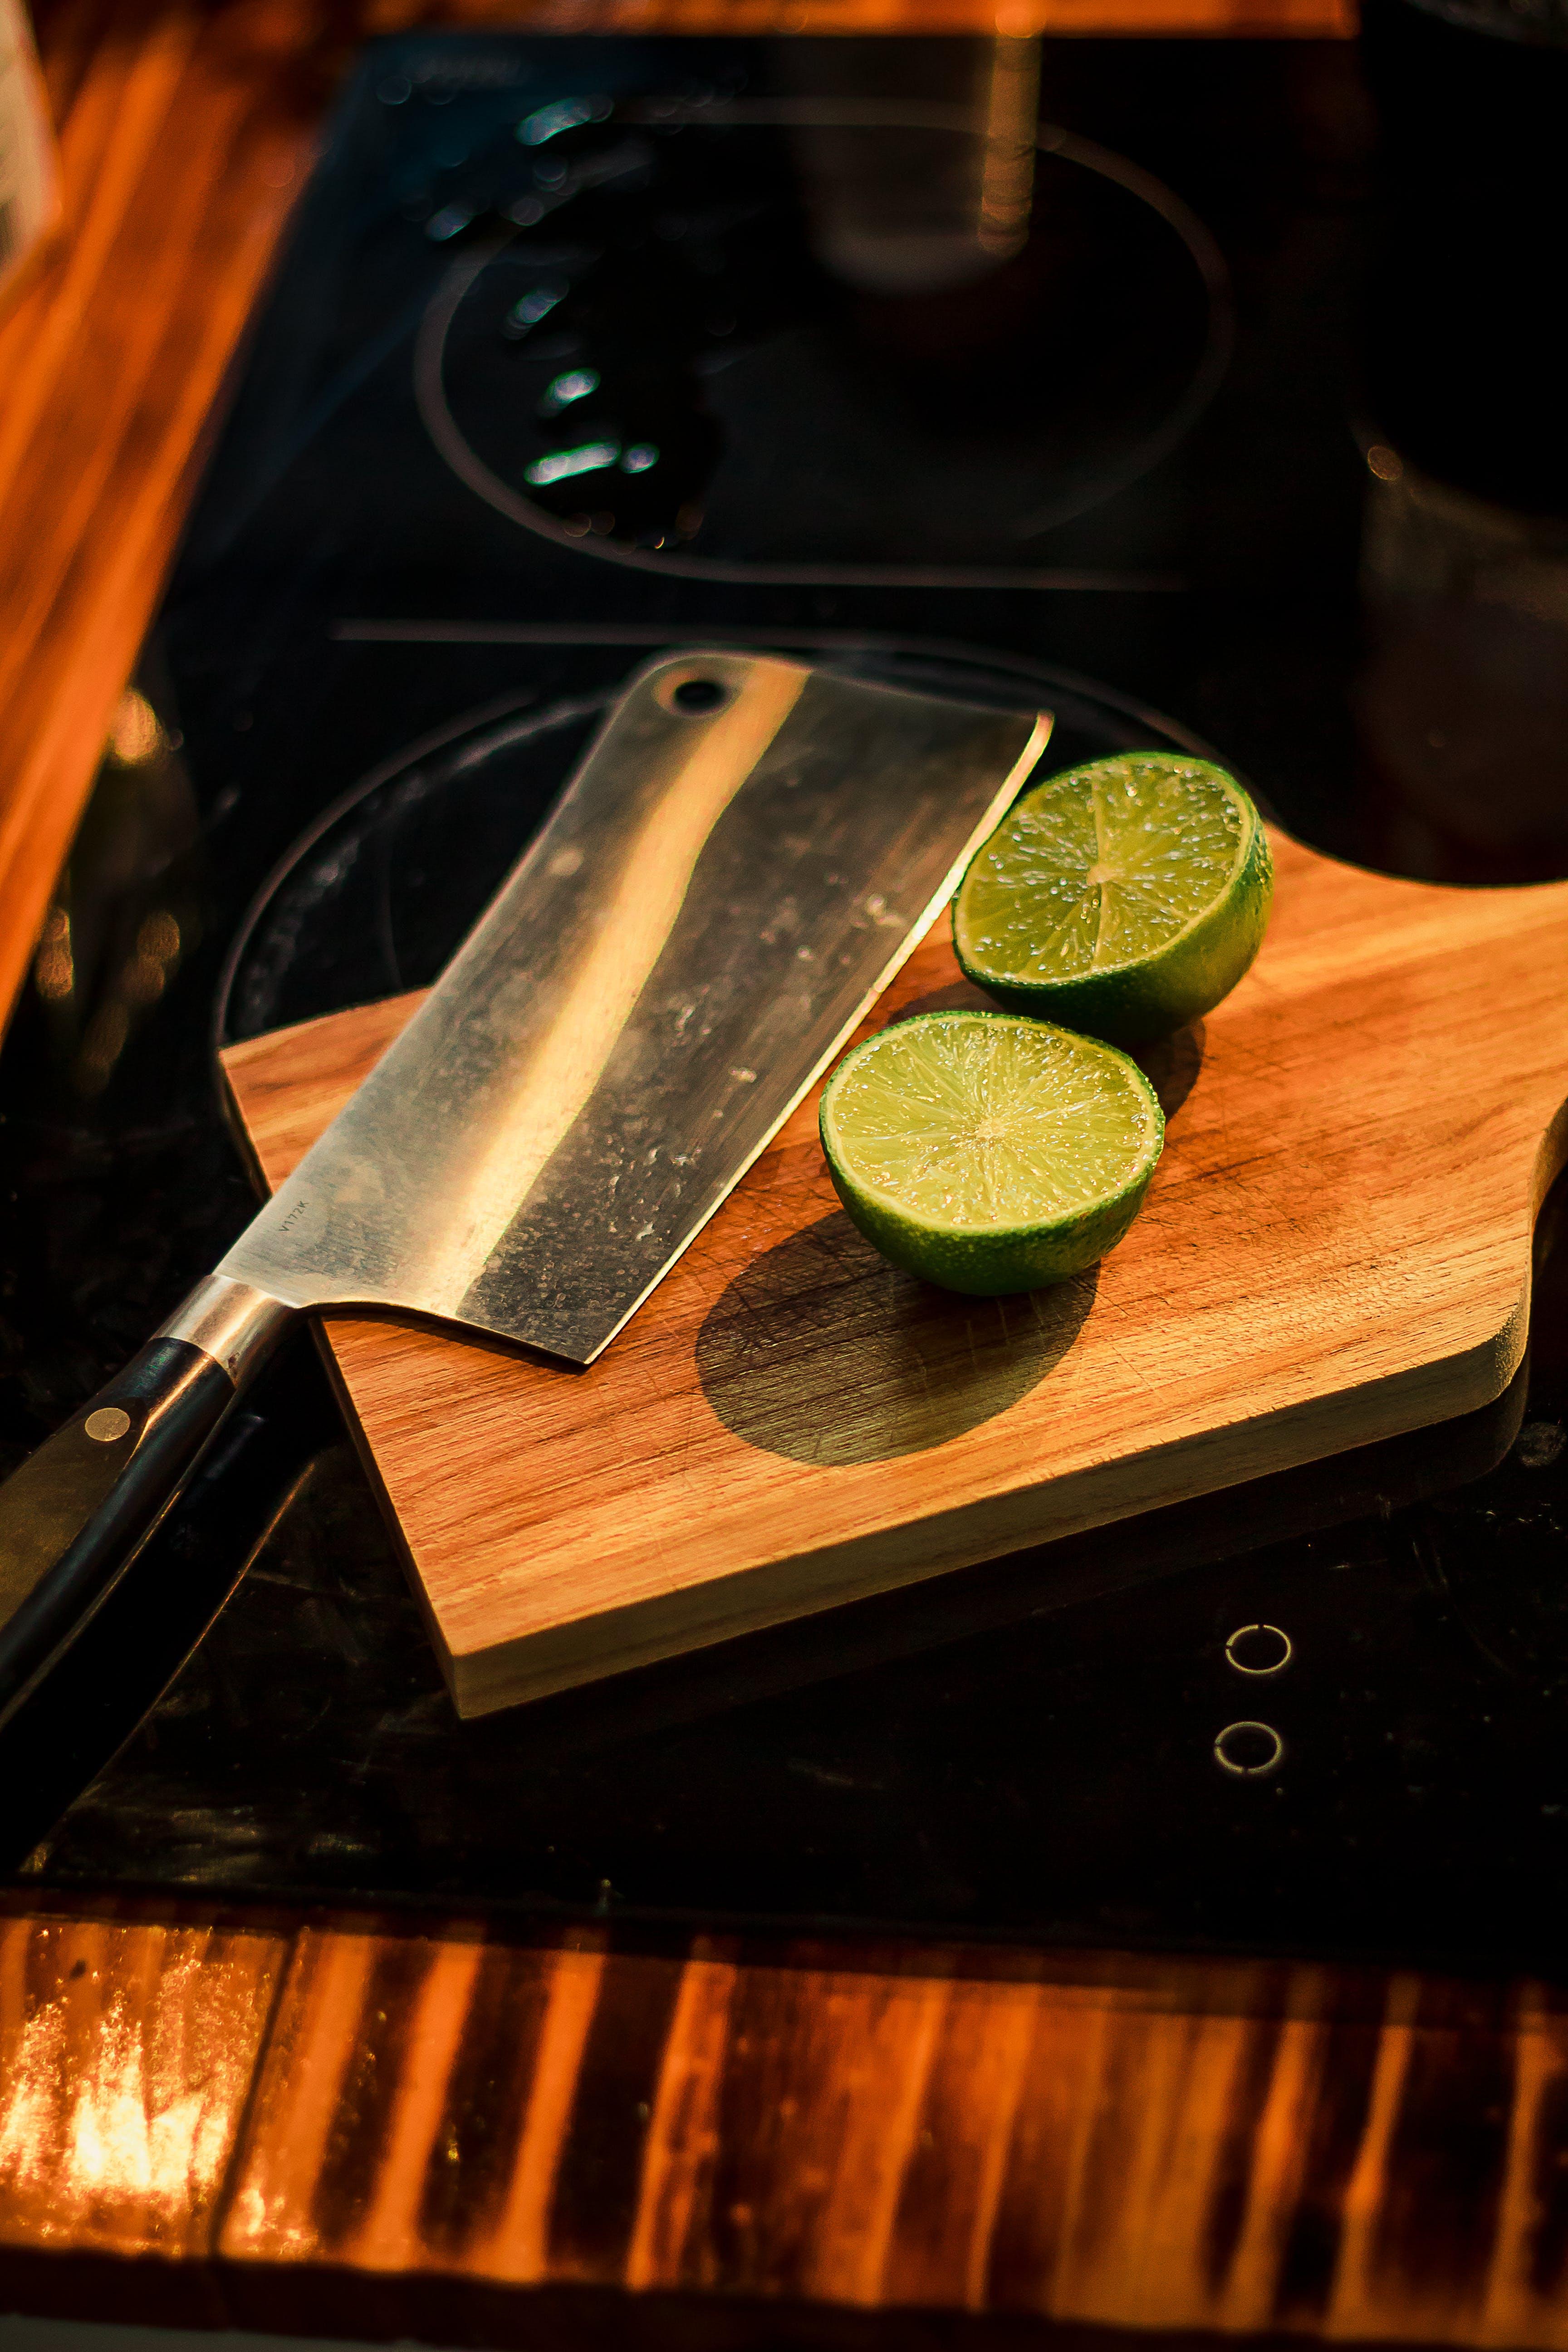 Fotos de stock gratuitas de agrio, cítricos, cuchillo, limones